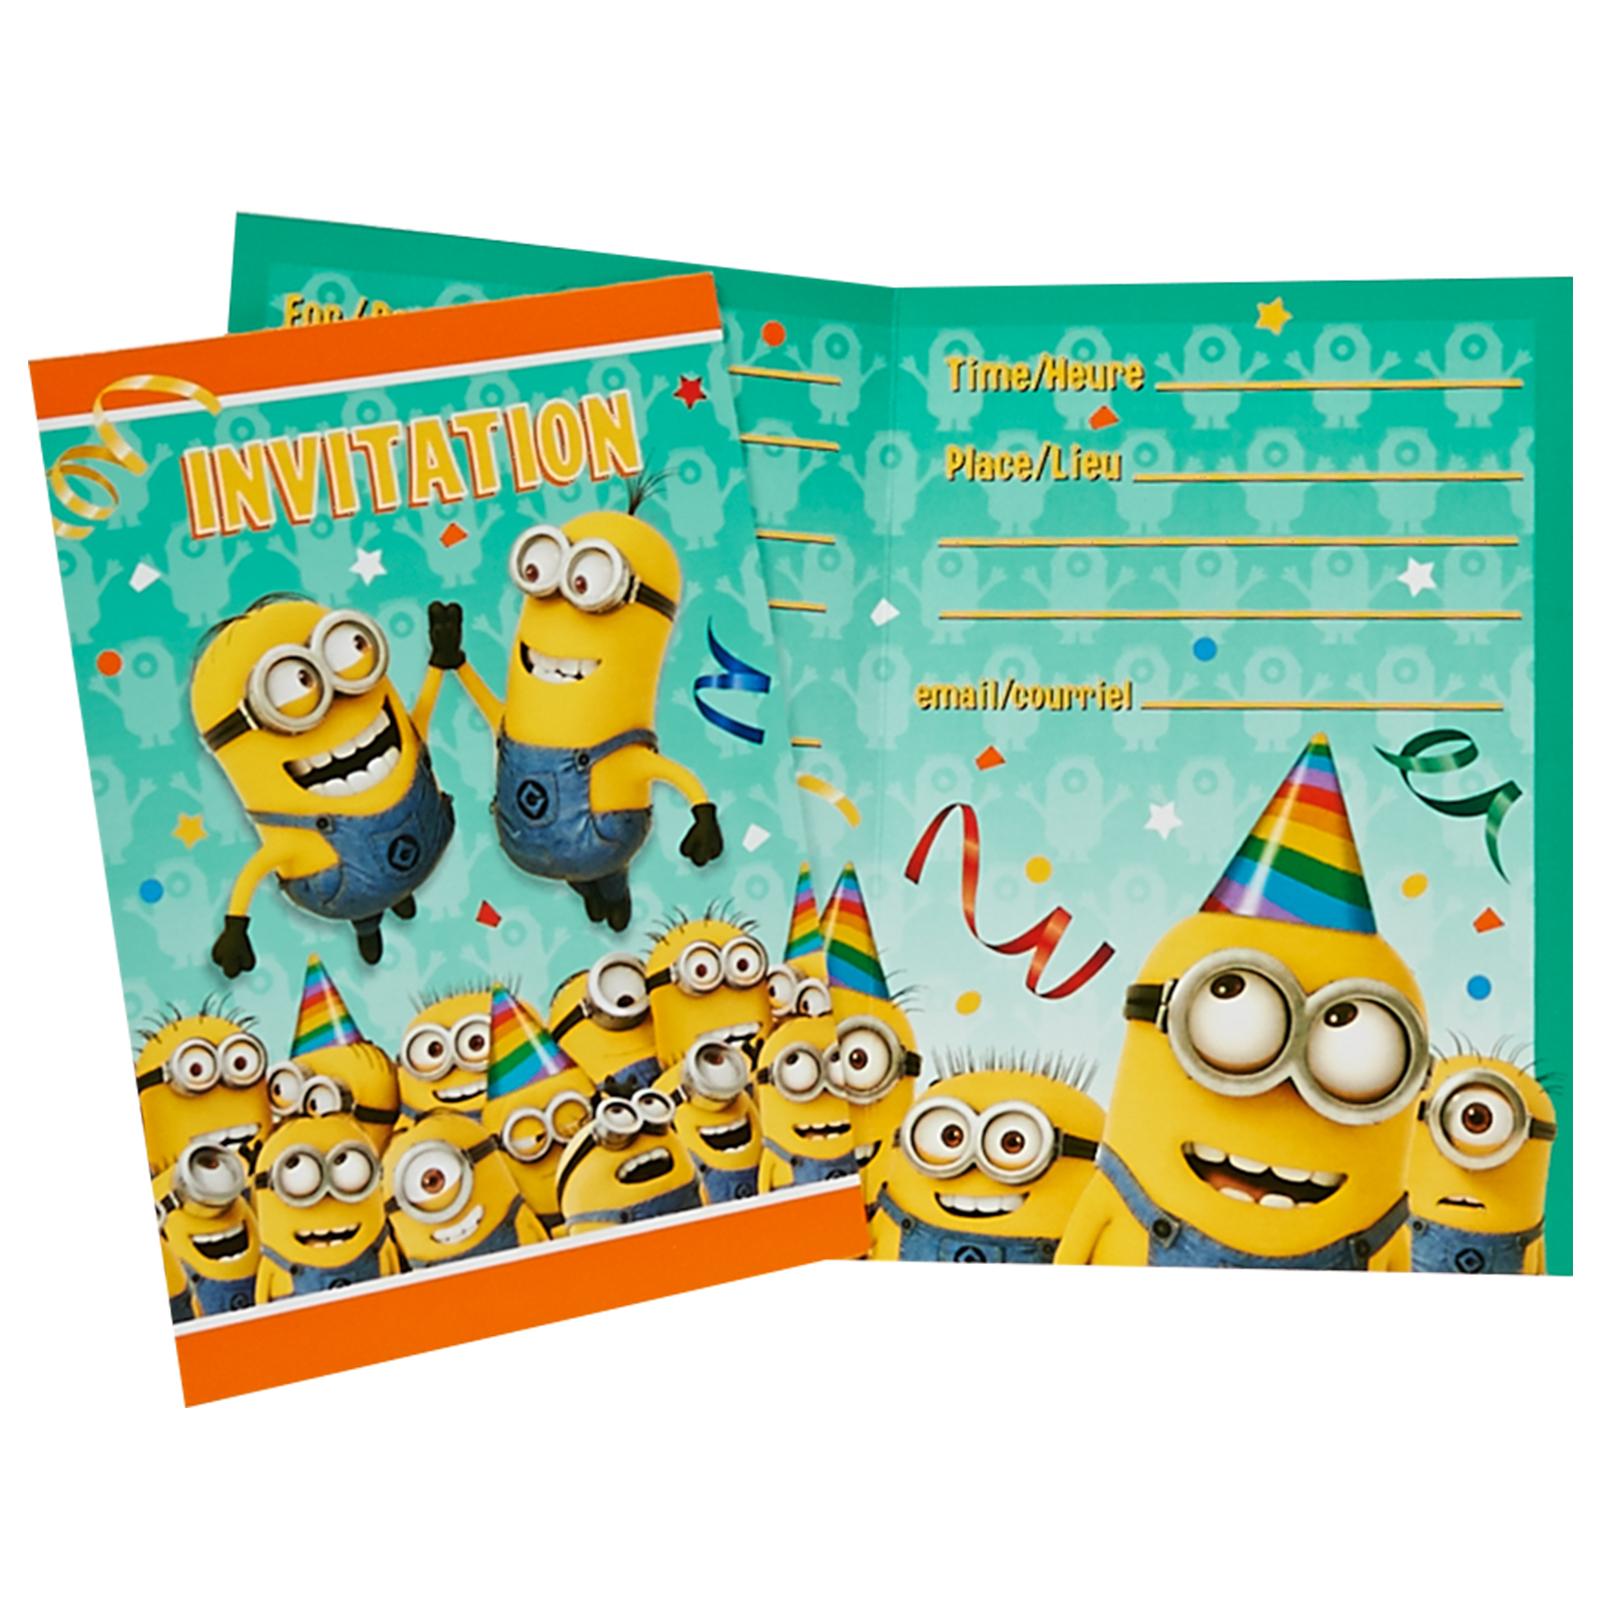 Minions Despicable Me Invitations BirthdayExpresscom